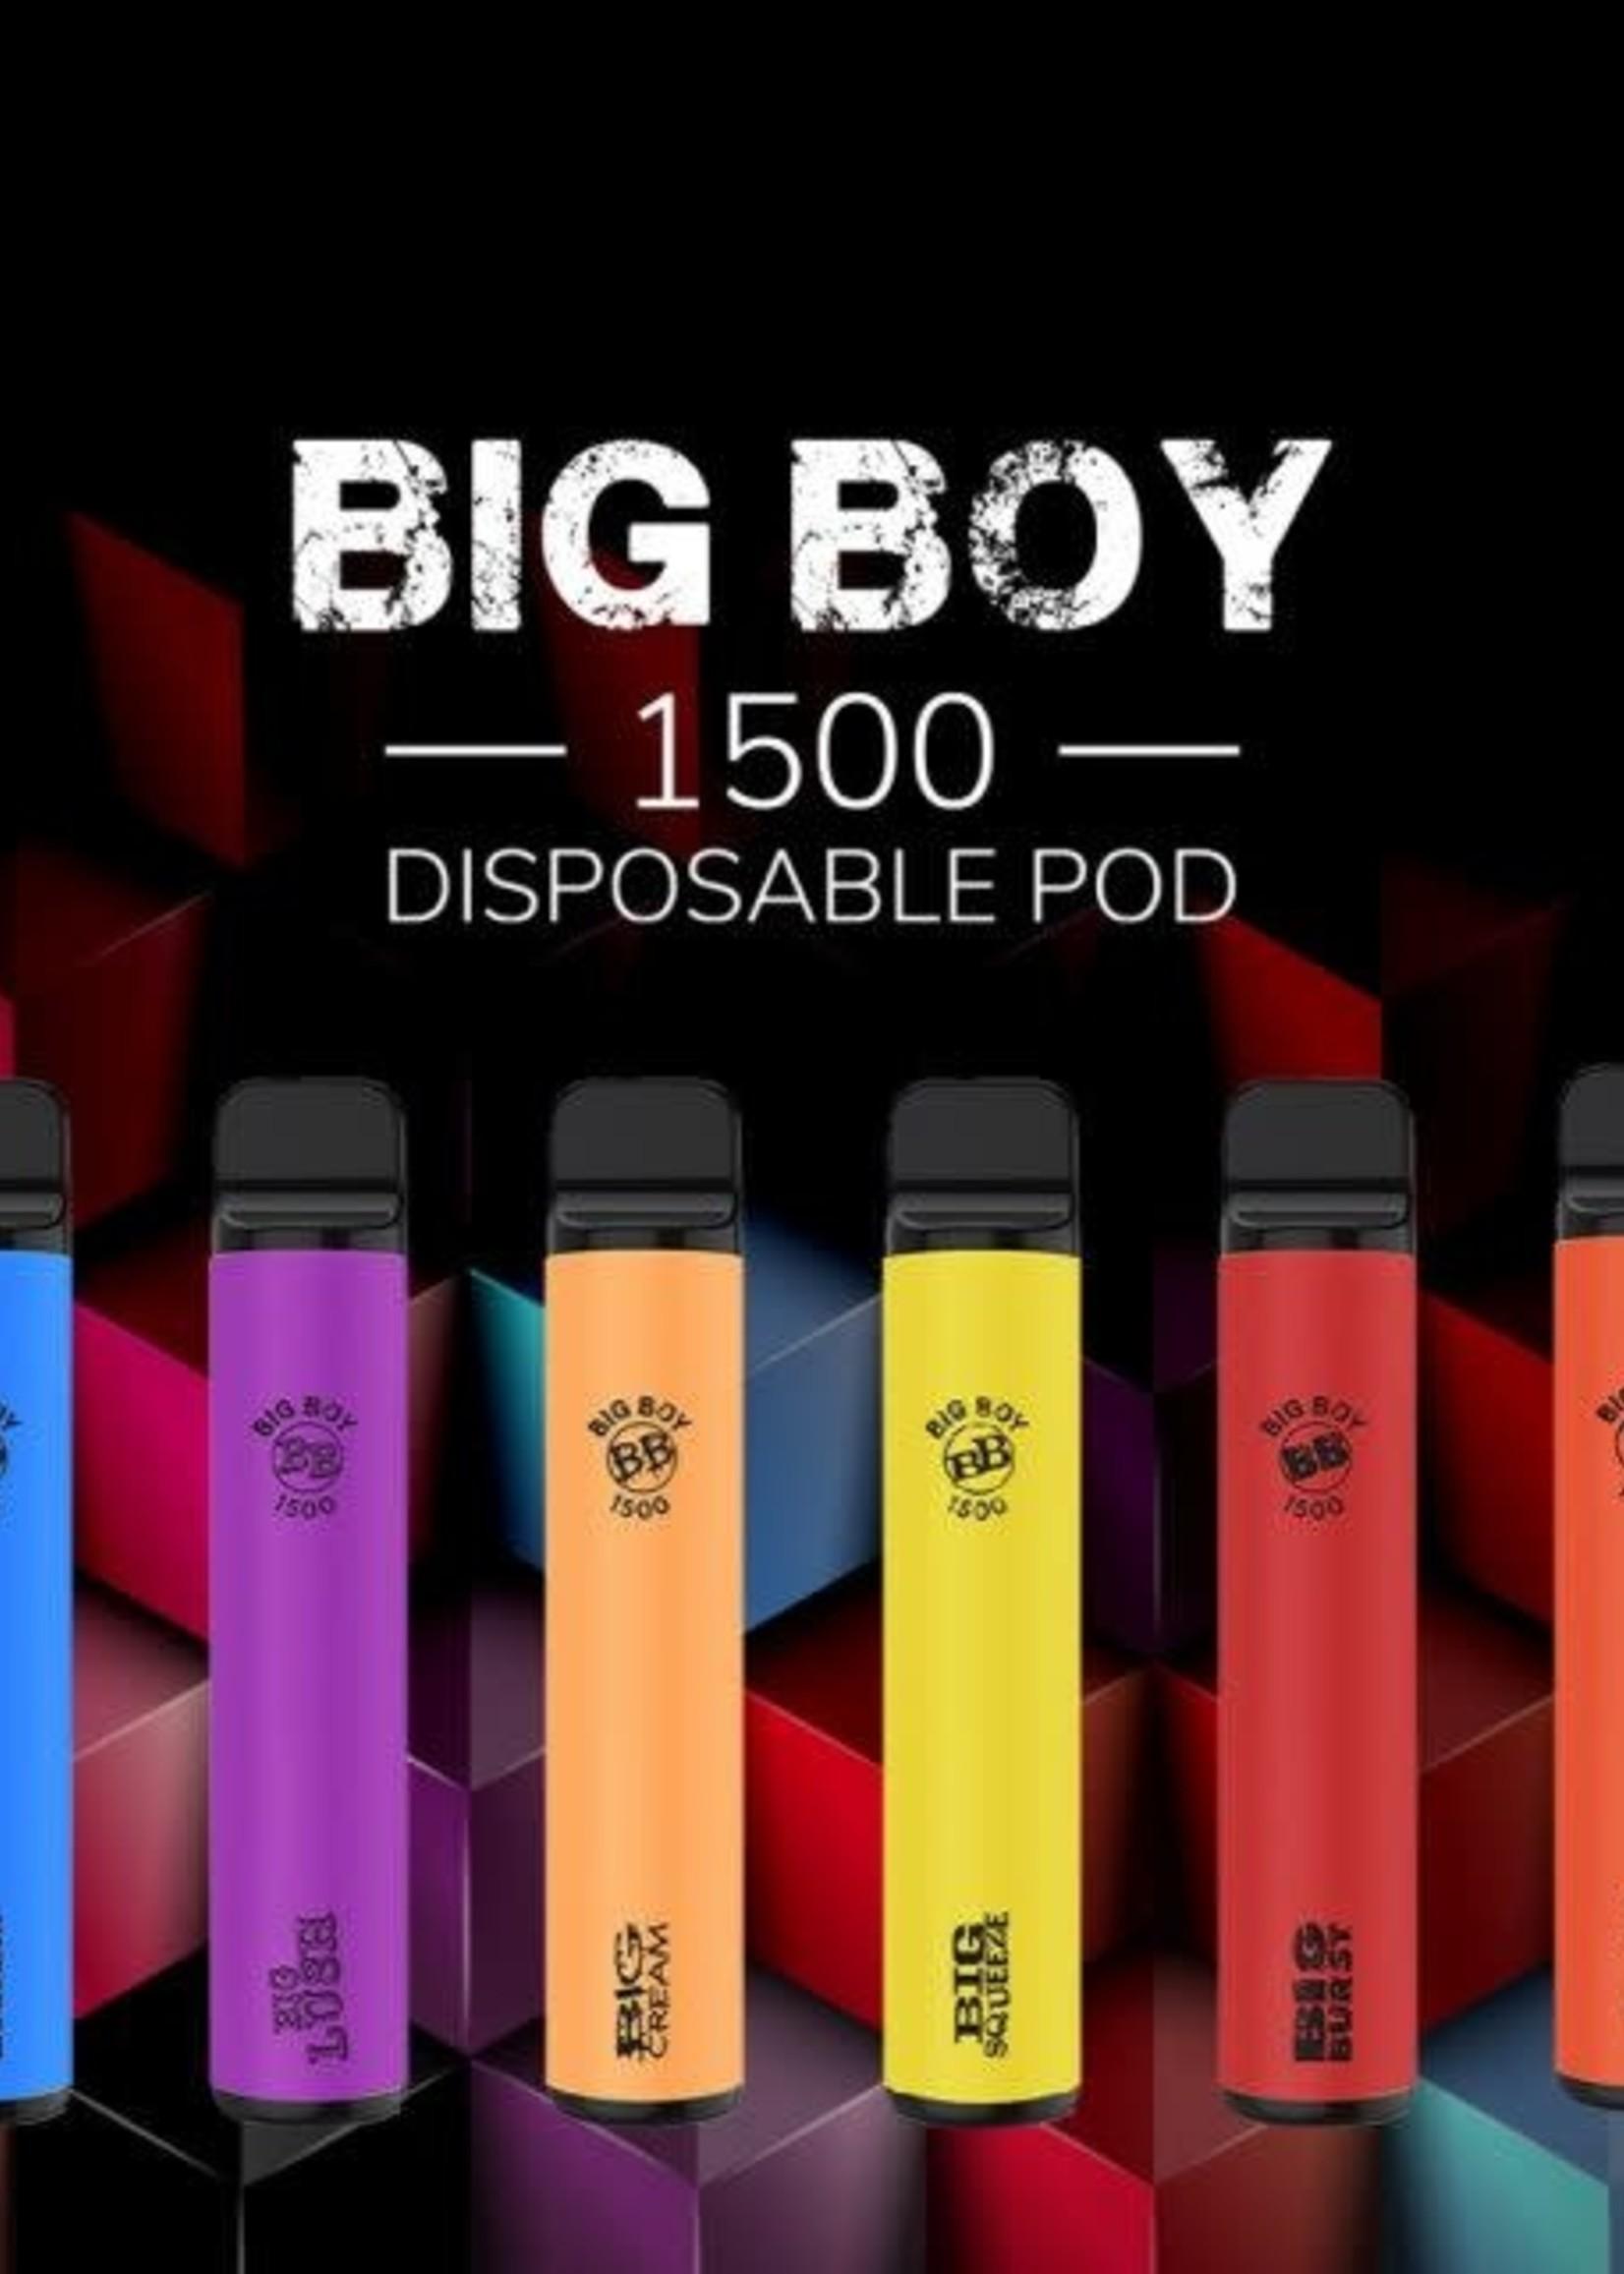 Maddog Big Boy 1500puff disposable